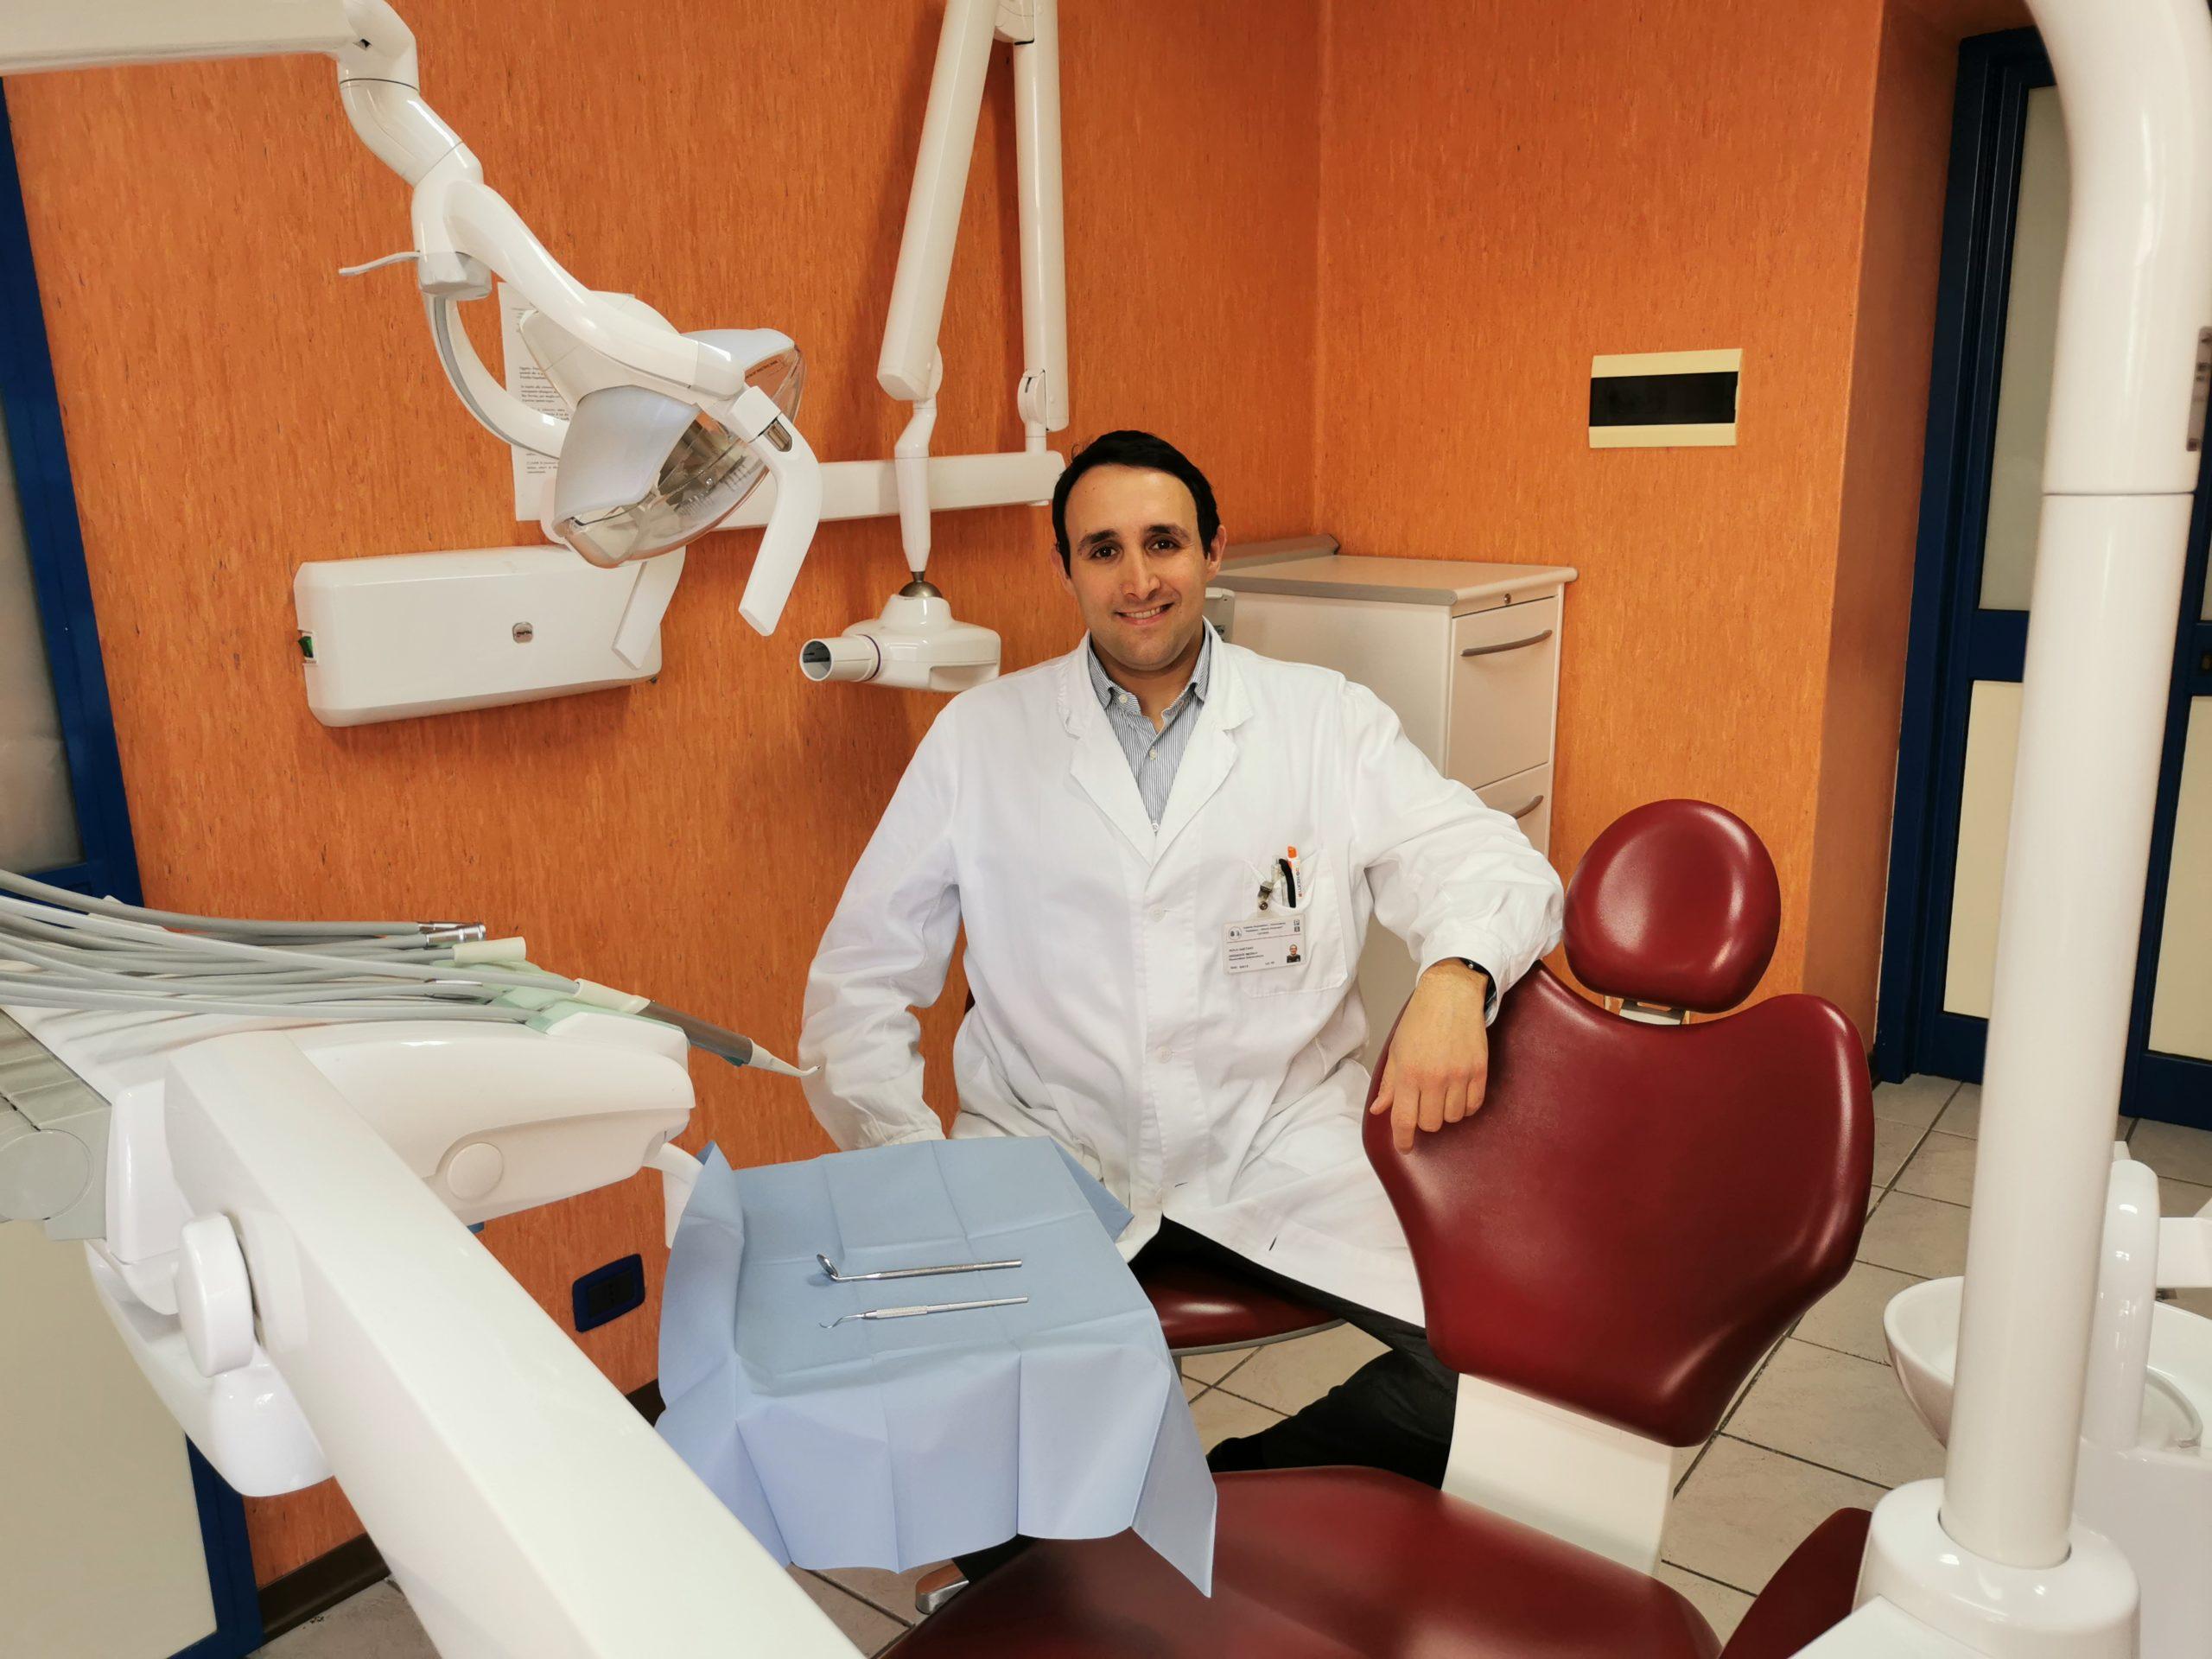 Danno cardiovascolare, uno studio sull'influenza della parodontite